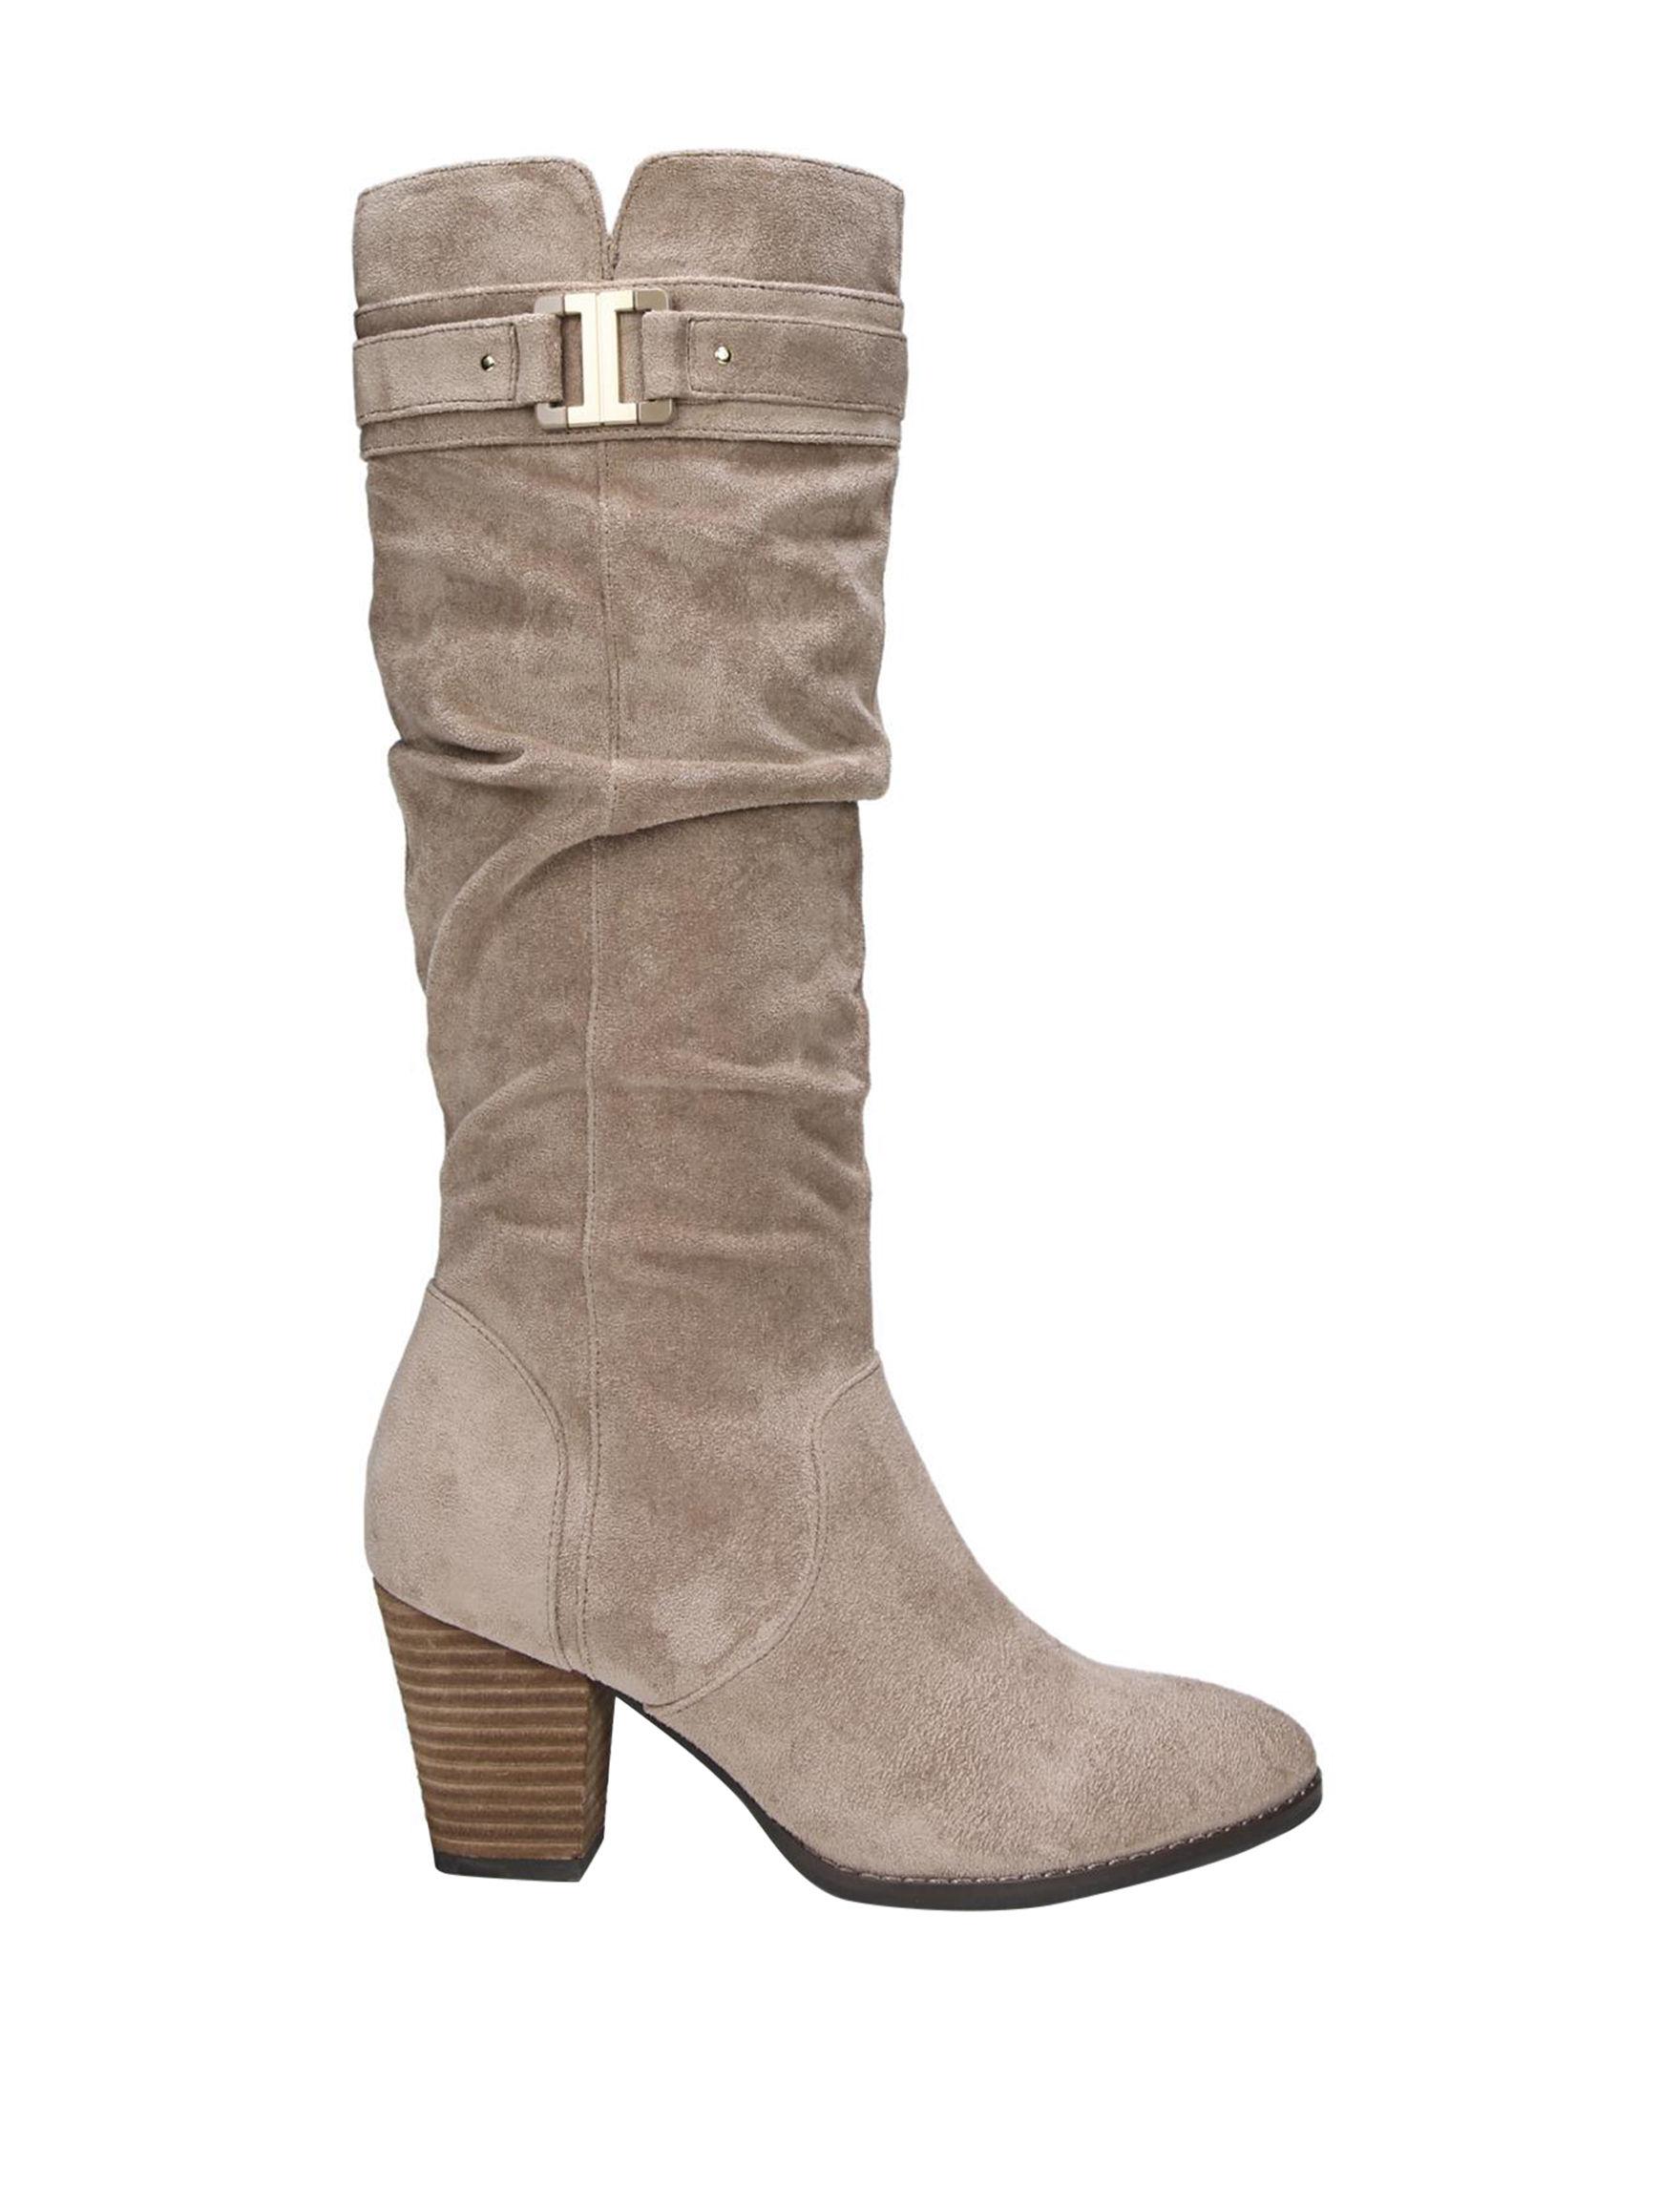 Dr. Scholl's Light Beige Riding Boots Comfort